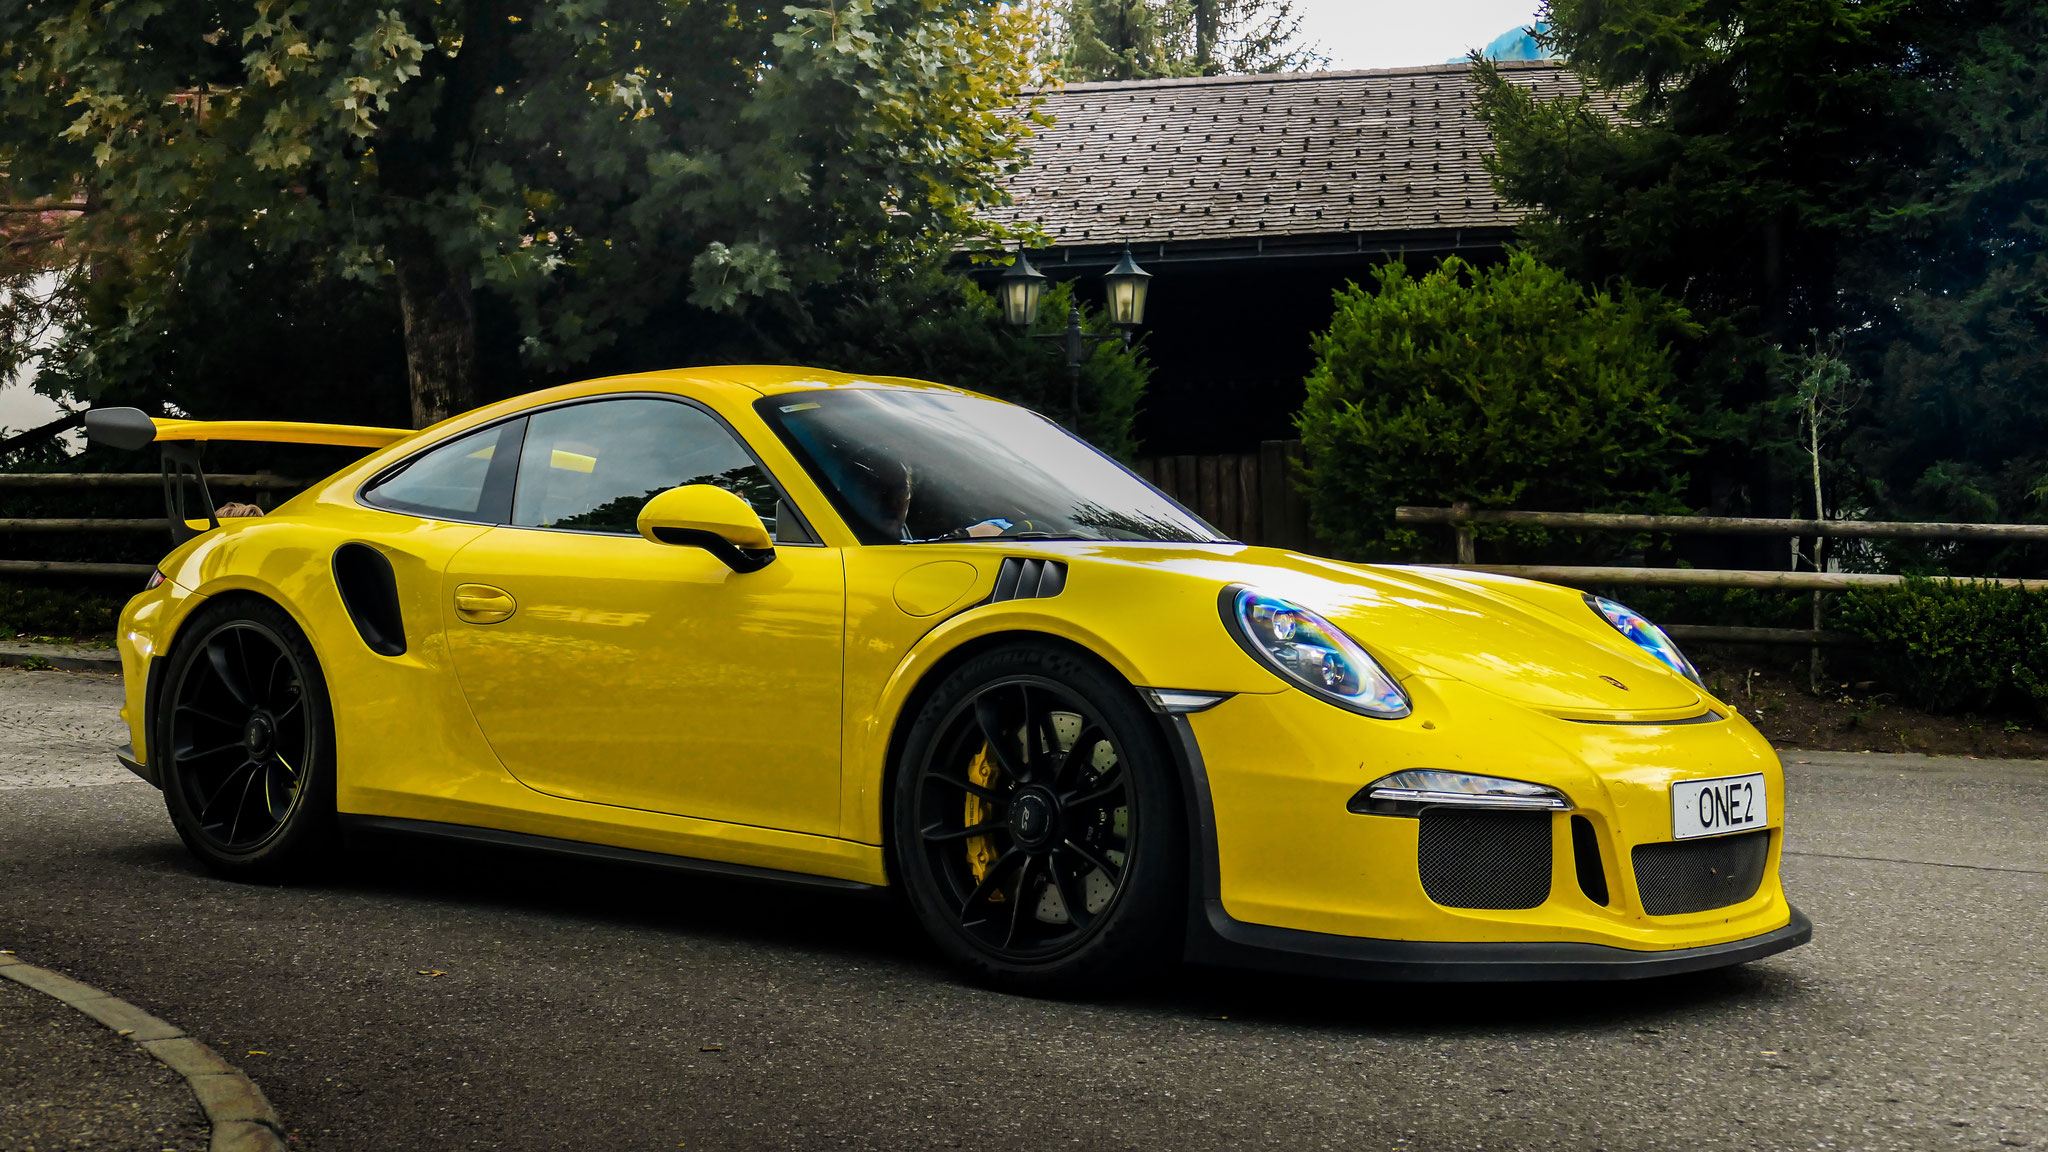 Porsche 911 GT3 RS - ONE2 (GB)